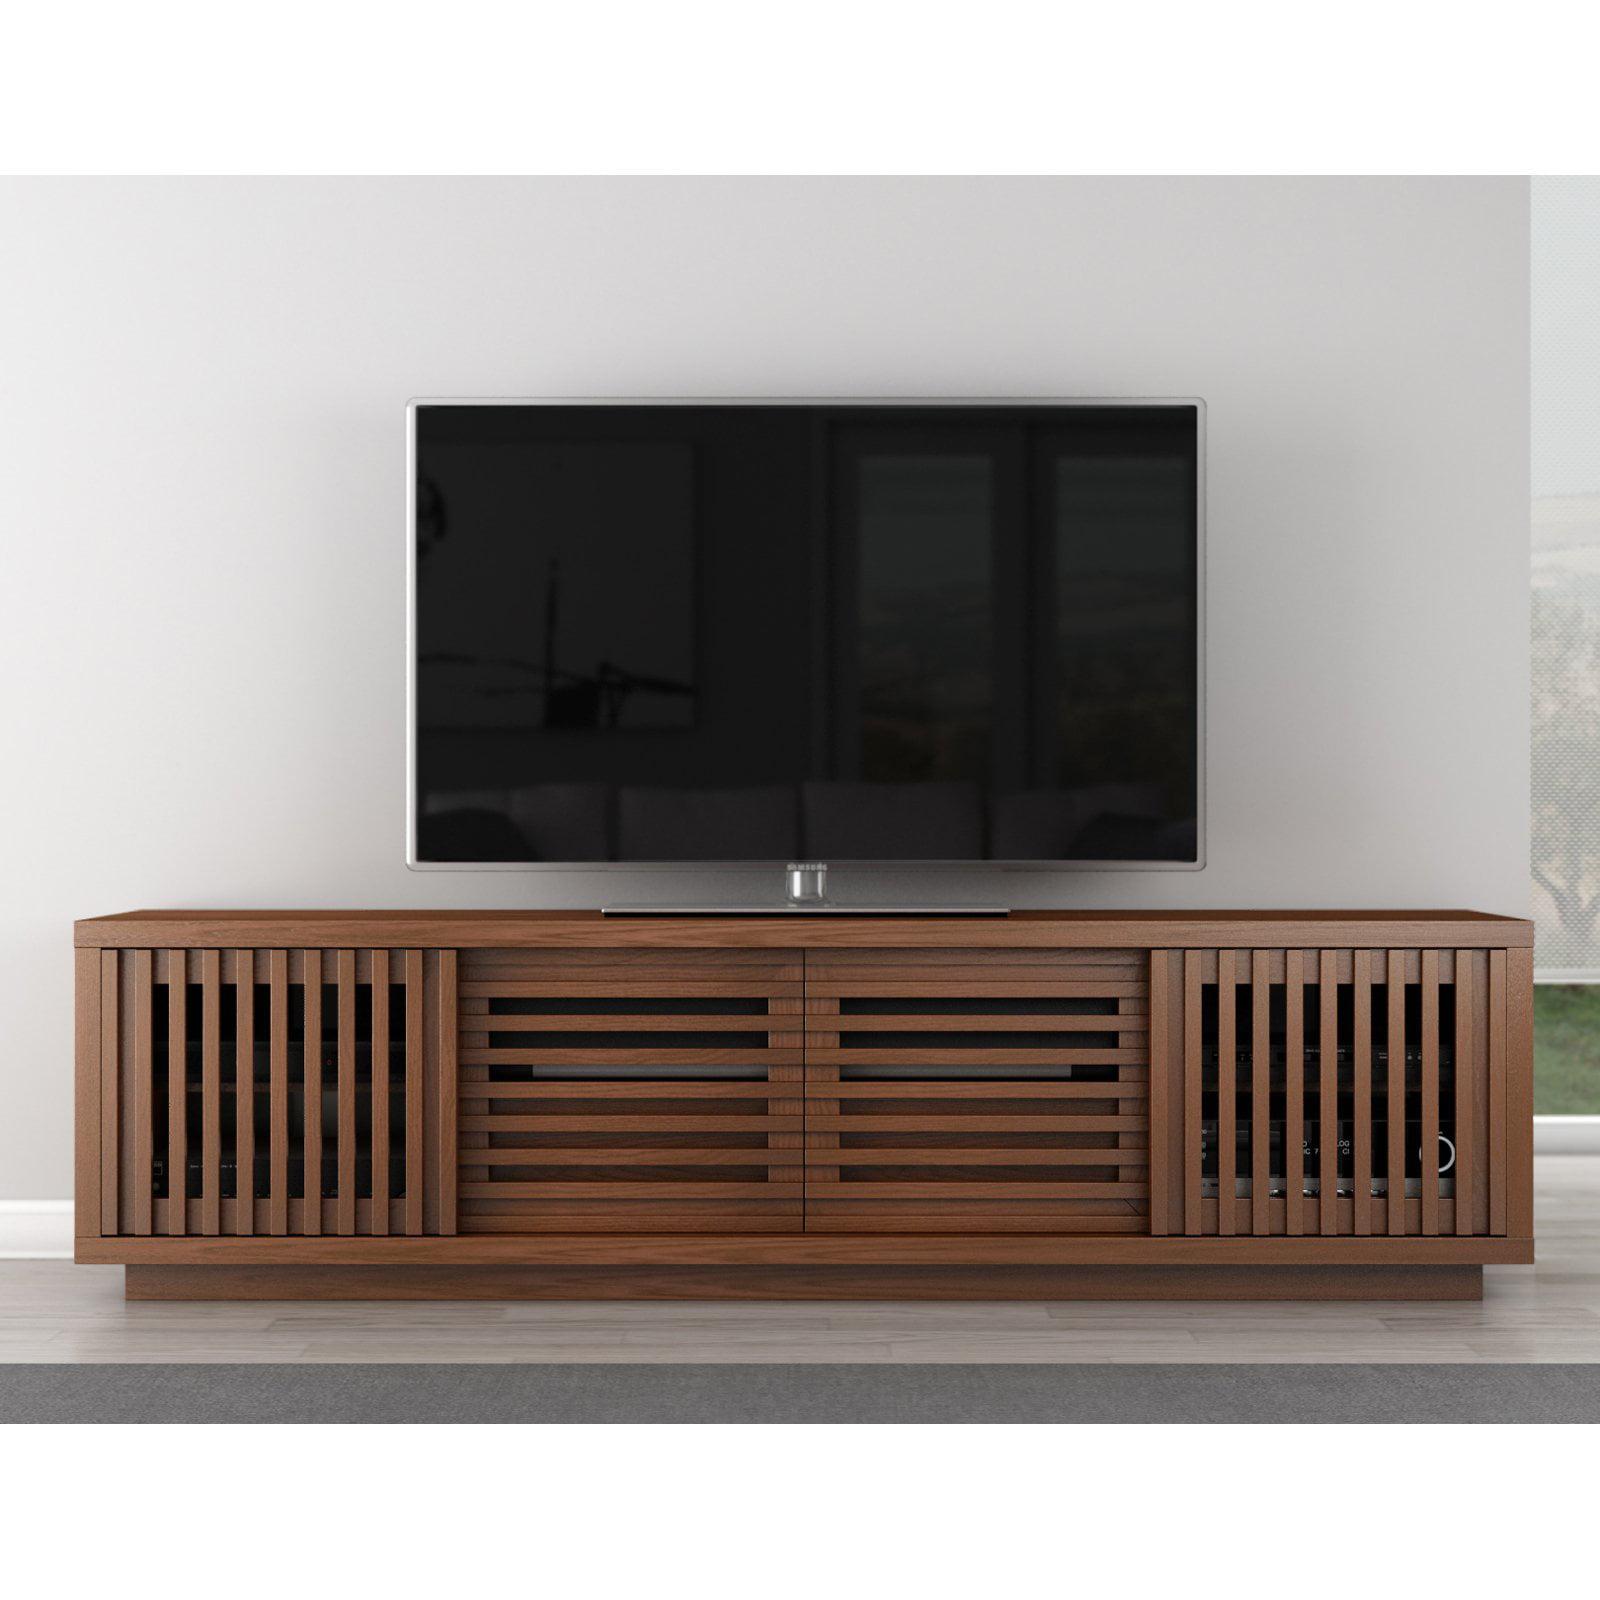 Attractive Contemporary Rustic TV Stand Media Console   Walmart.com